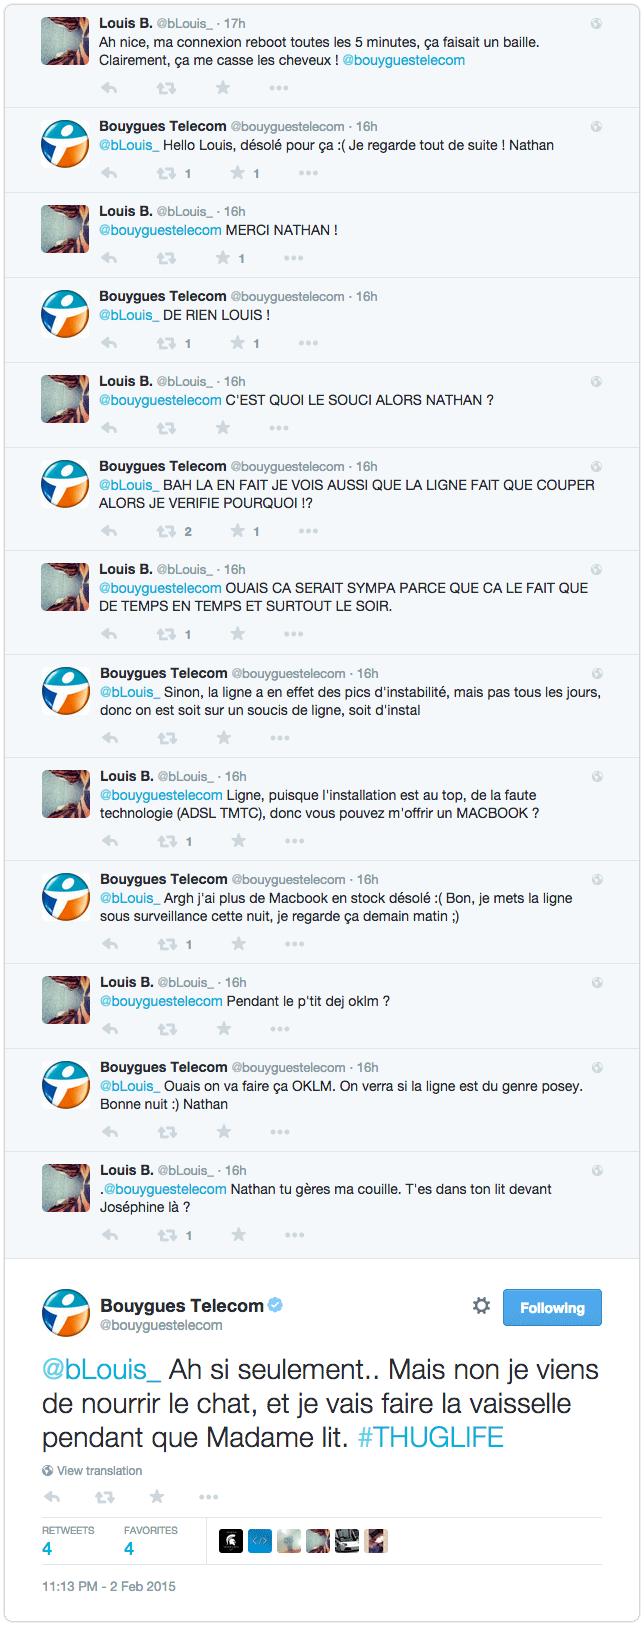 Tweet de geek community manager